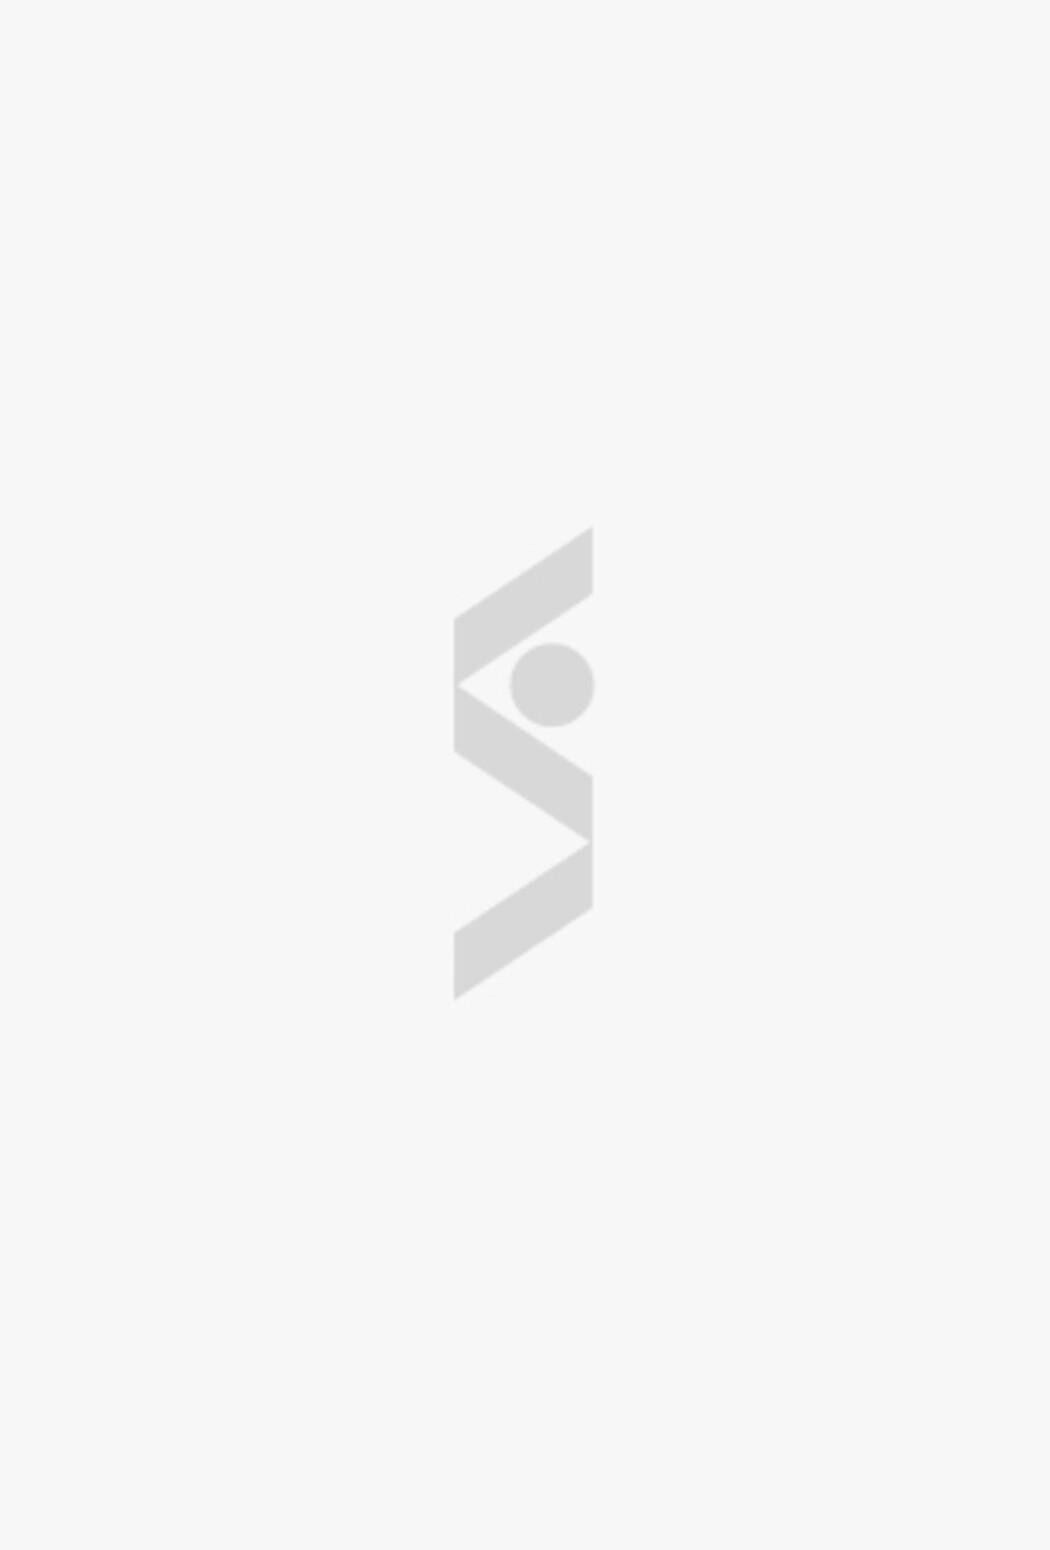 Толстовка на молнии Gant - цена 12490 ₽ купить в интернет-магазине СТОКМАНН в Екатеринбурге